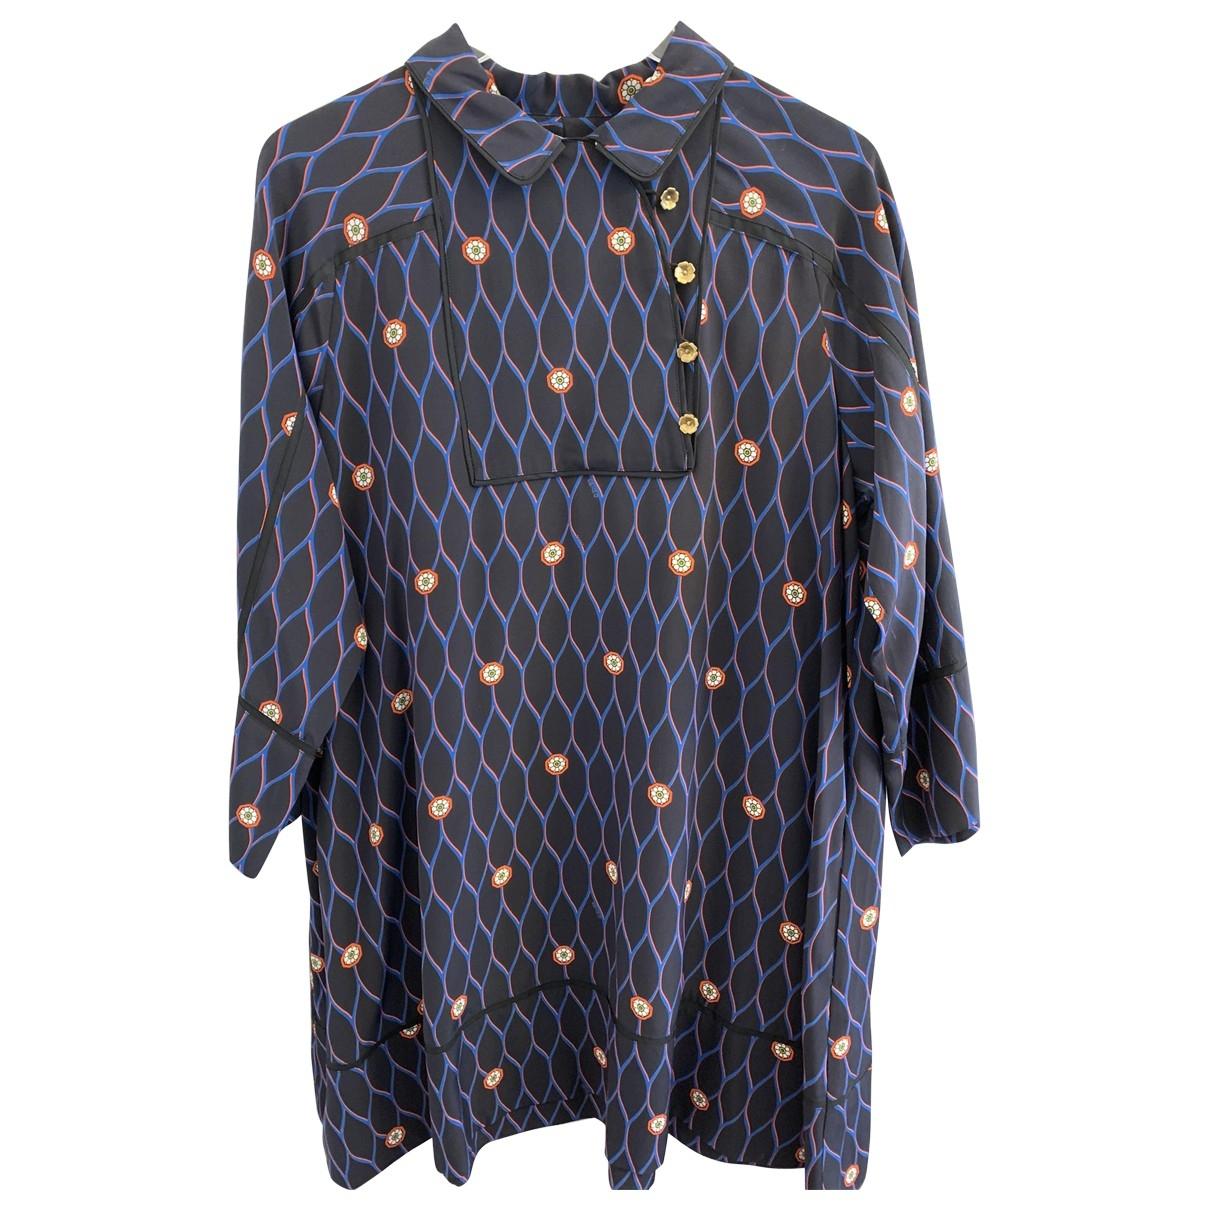 Kenzo X H&m - Robe   pour femme en soie - multicolore